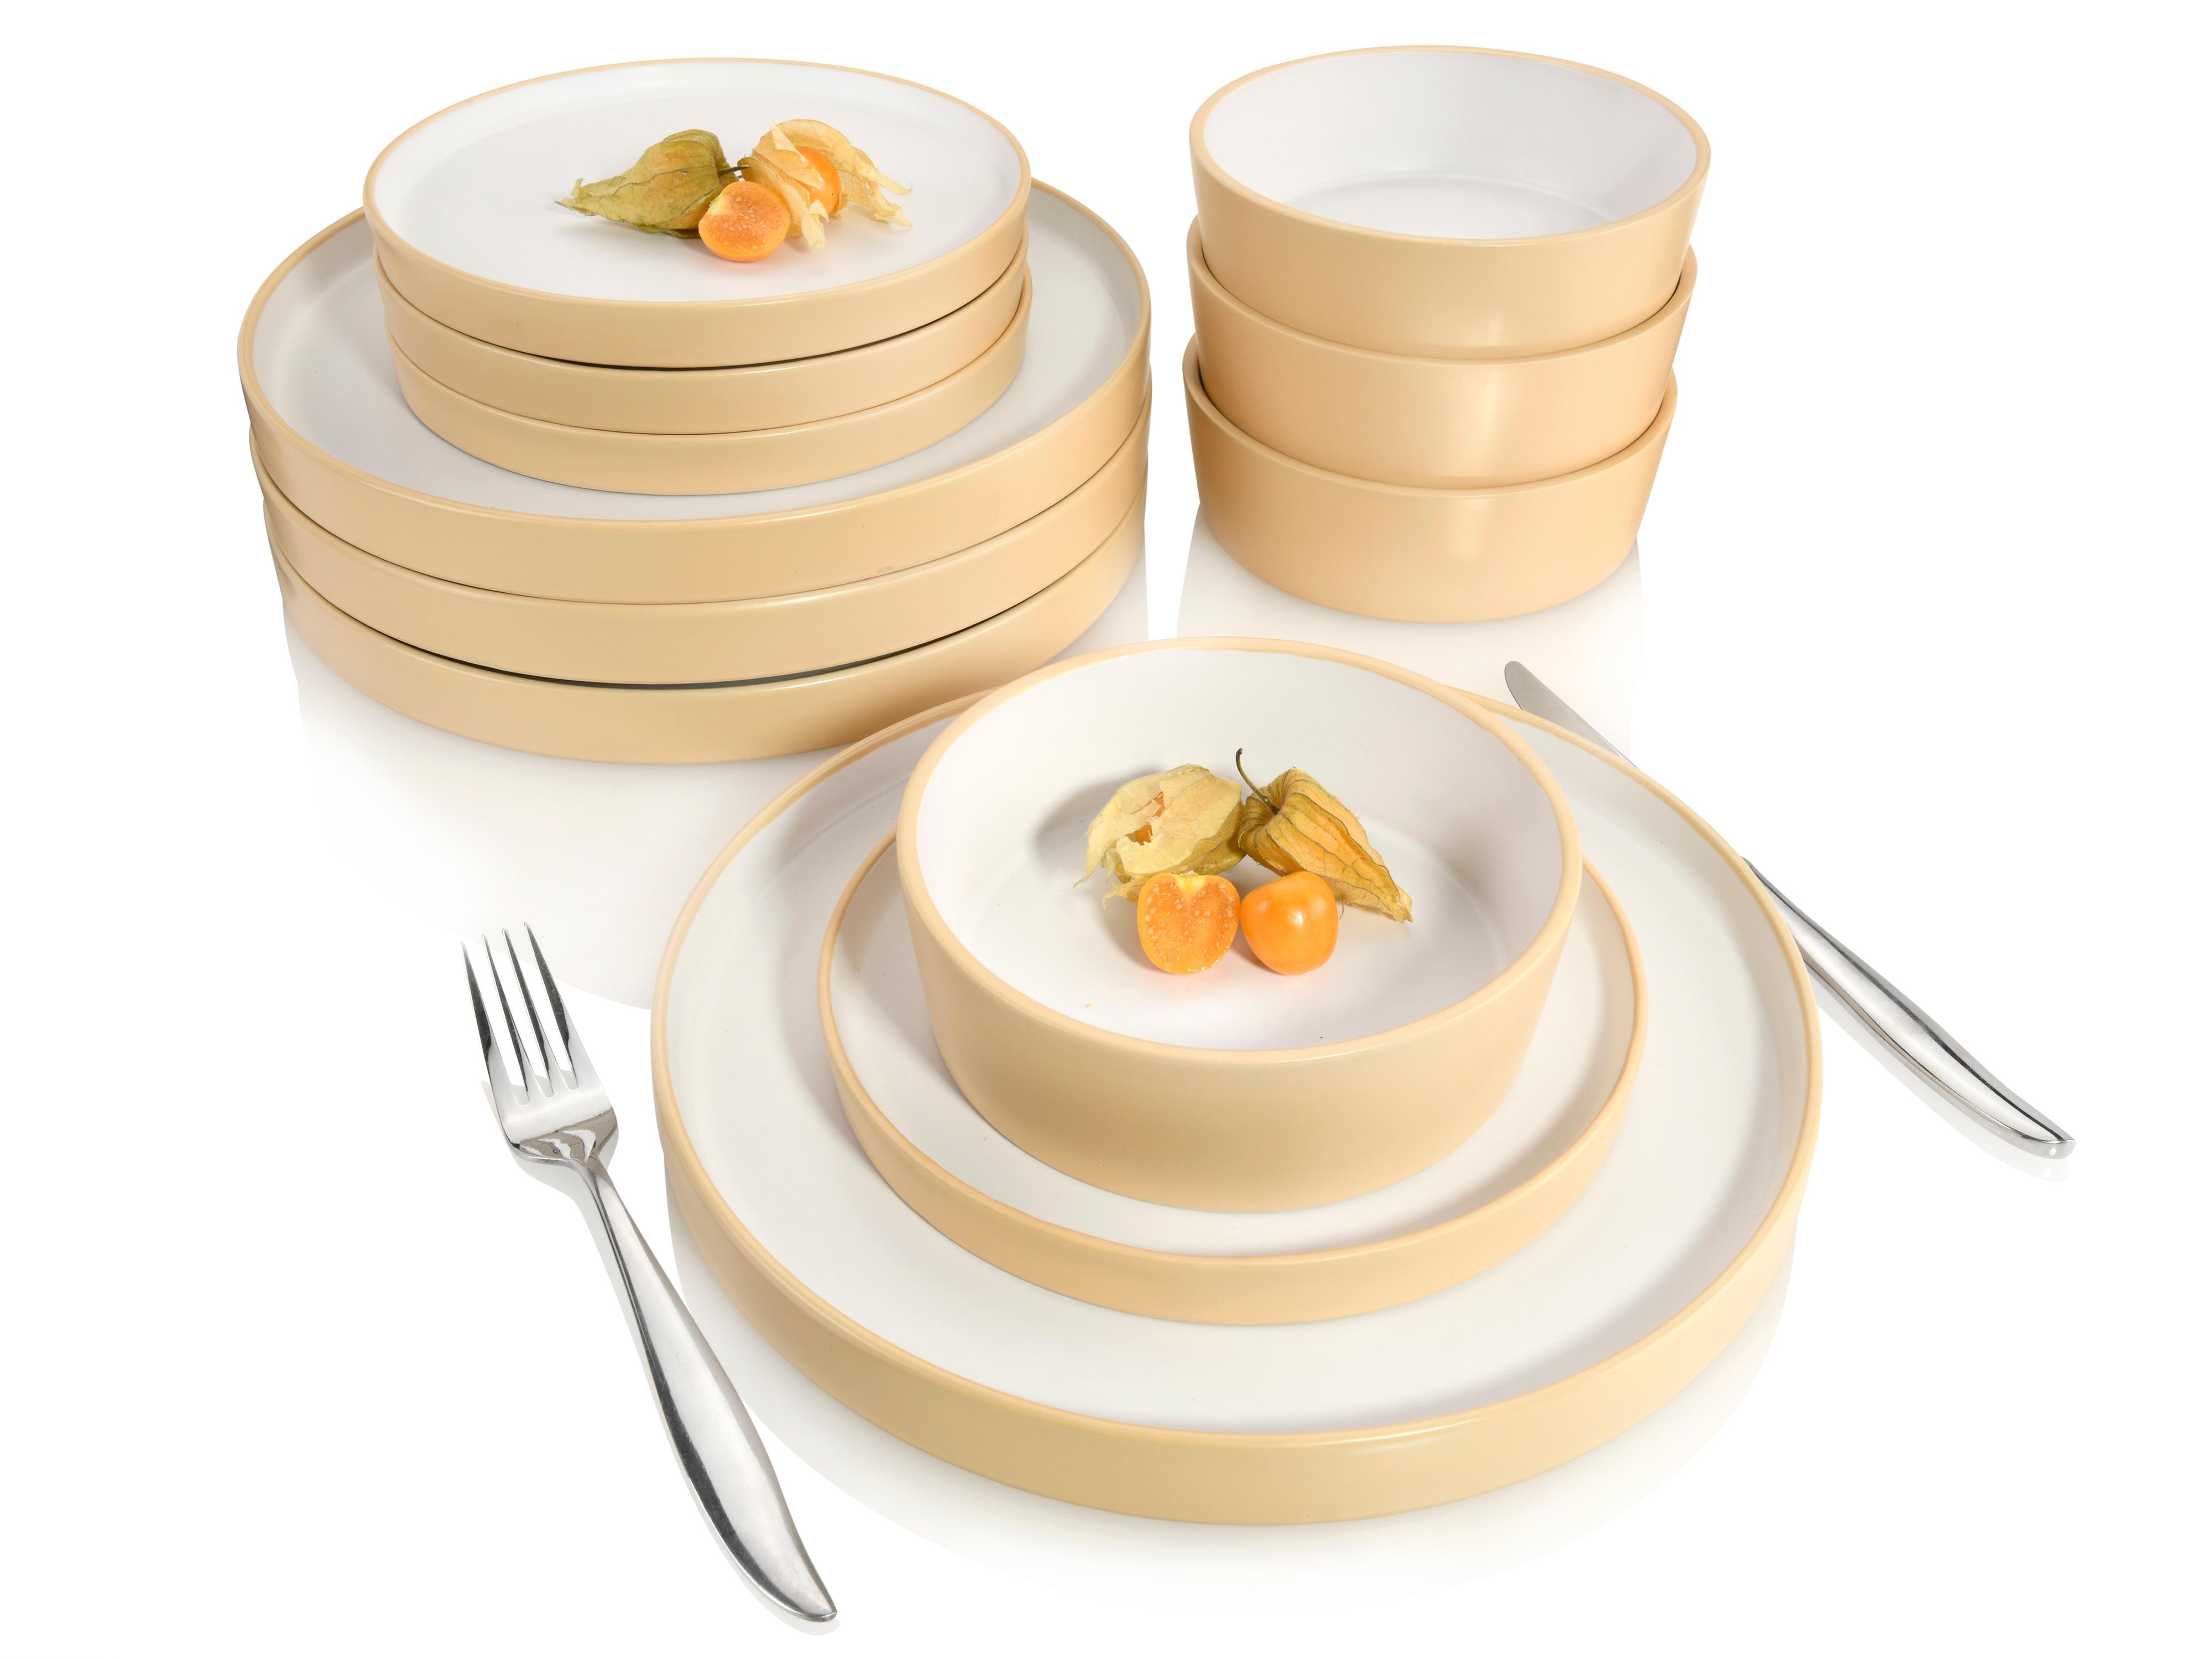 SÄNGER Kombiservice Oslo, (12 tlg., Geschirrservice Oslo aus Porzellan 12 teilig) weiß Geschirr-Sets Geschirr, Tischaccessoires Haushaltswaren